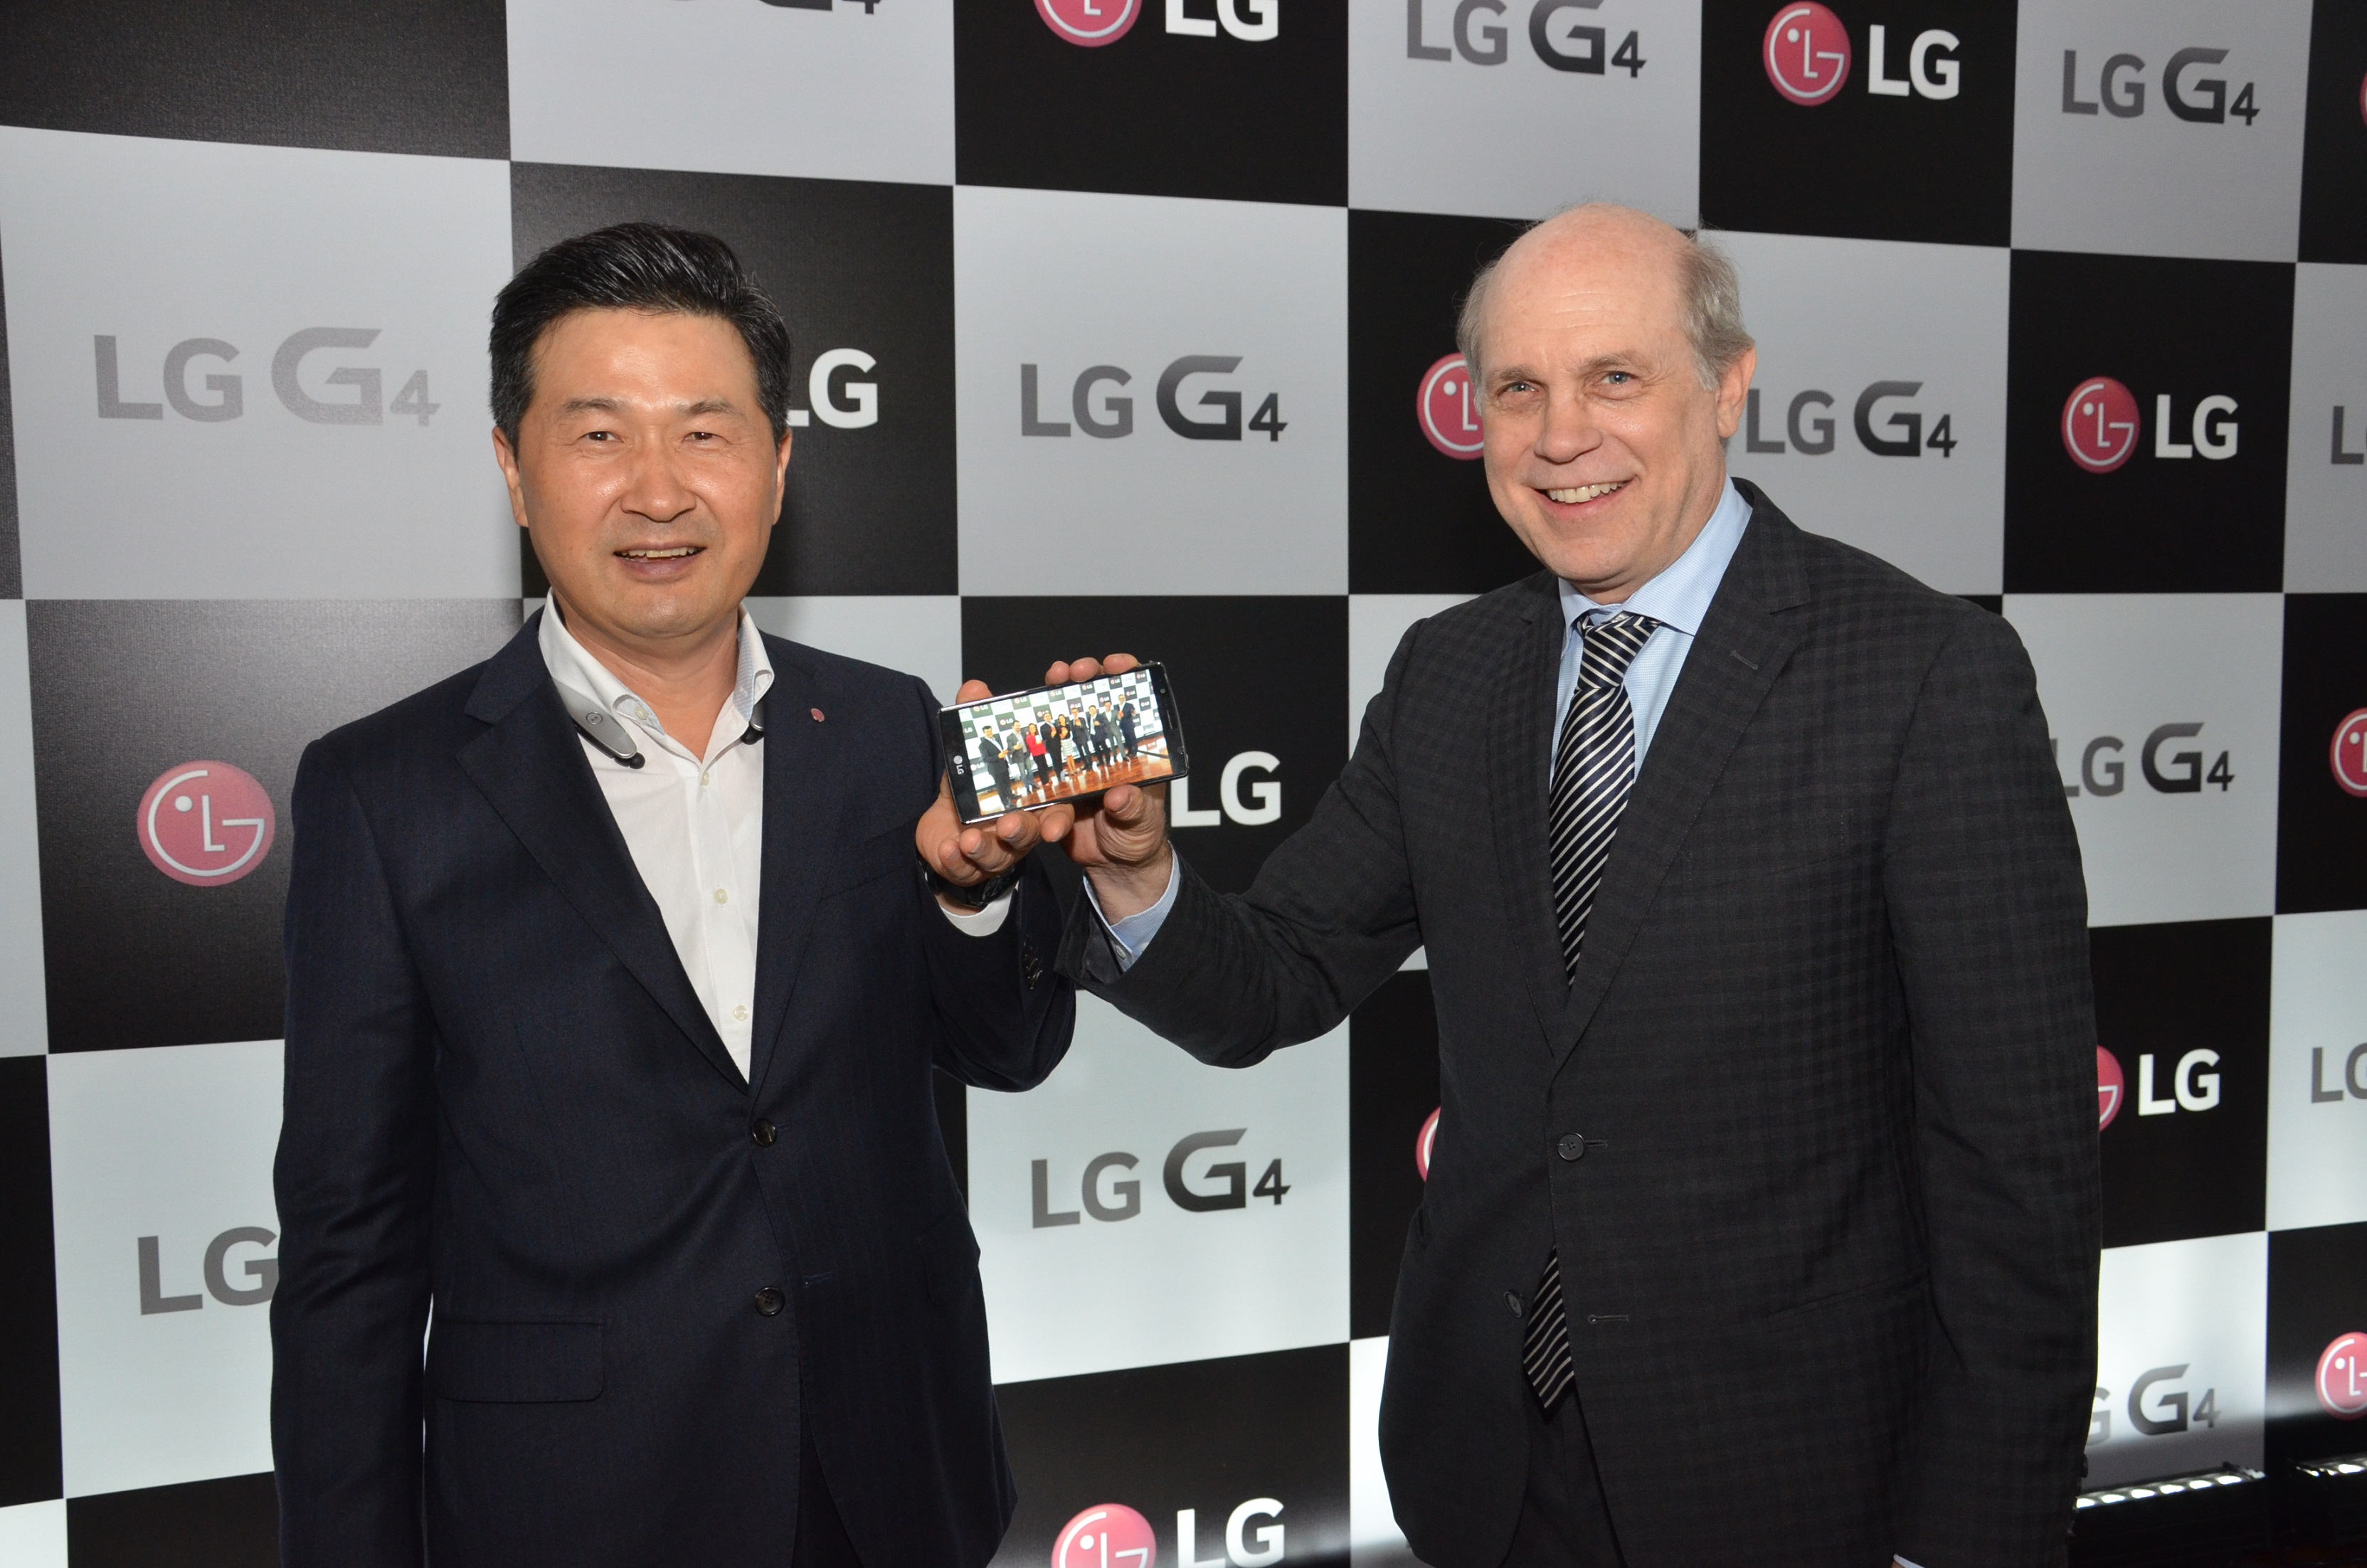 Lanzamiento regional del LG G4 en Brasil